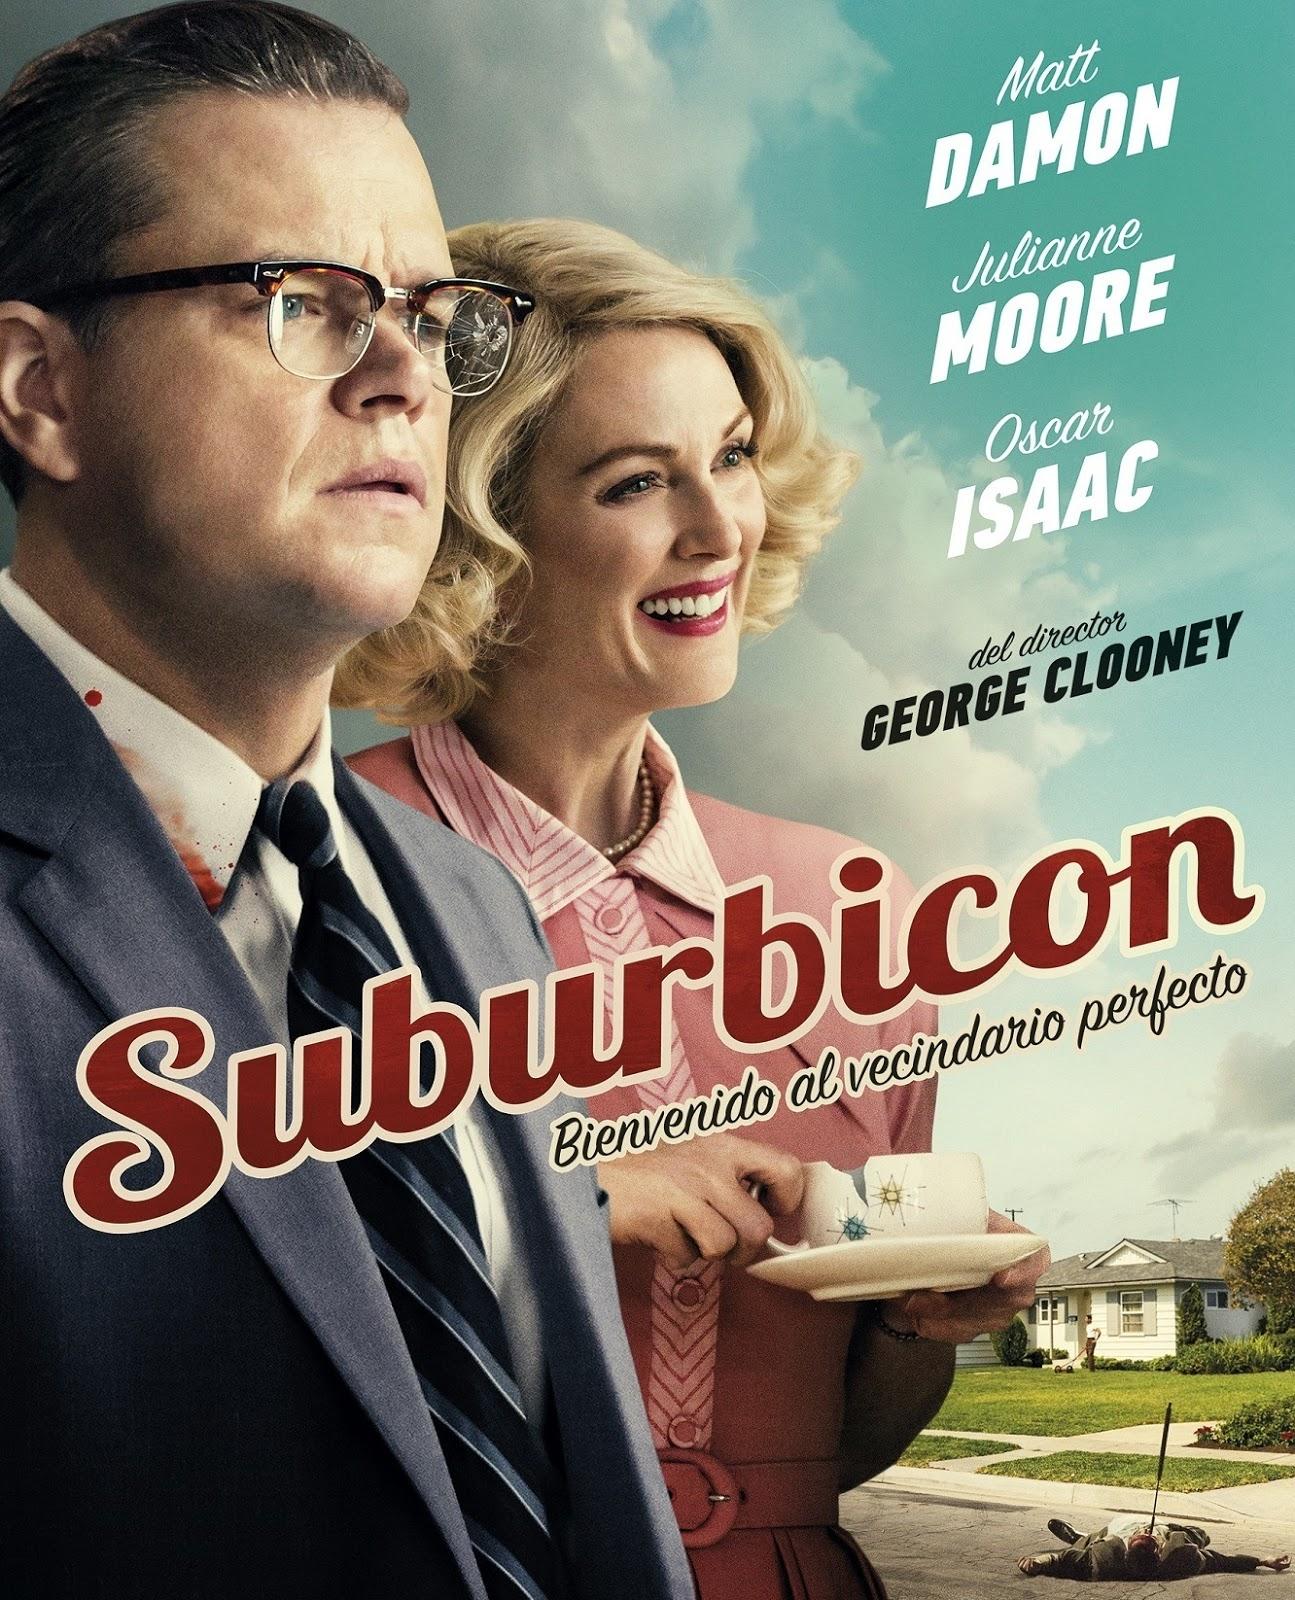 Suburbicon [2017] [DVDR] [NTSC] [CUSTOM HD] [Latino 5.1]